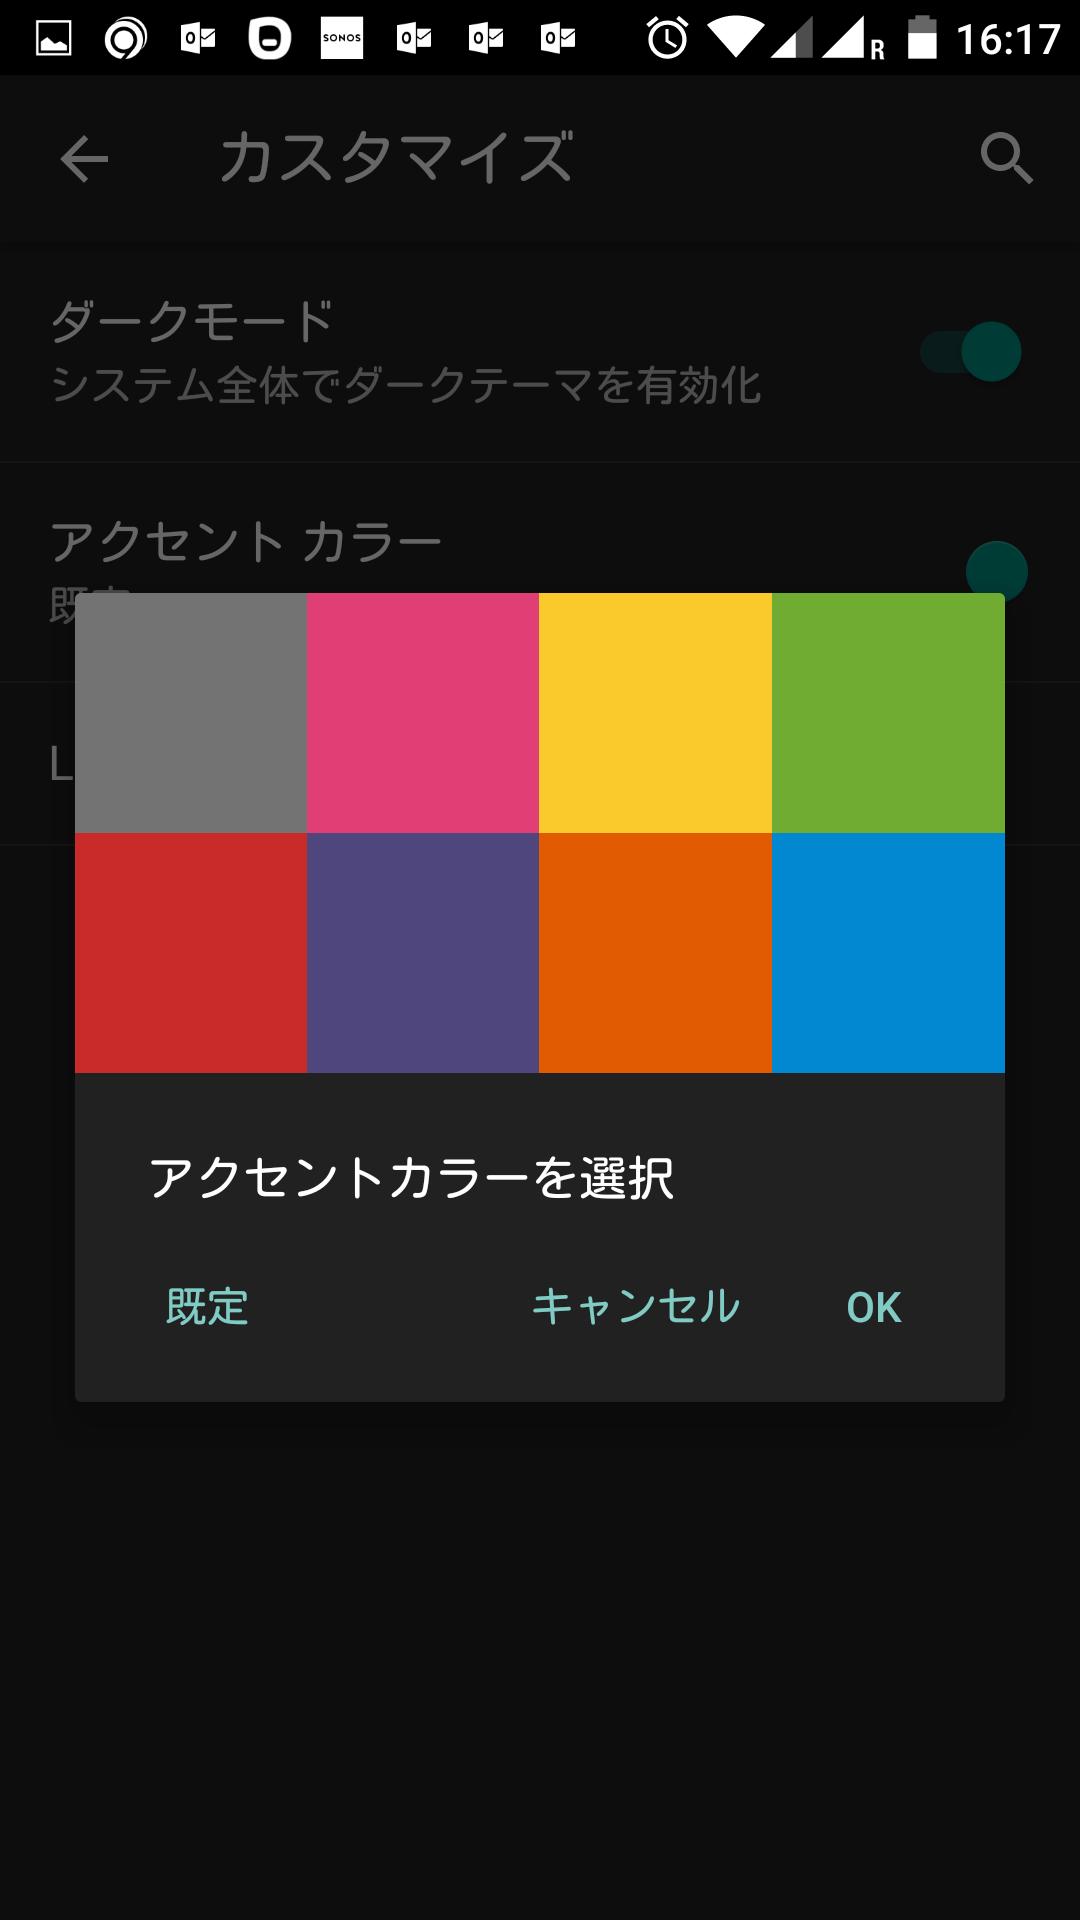 アクセントカラーはこの8つの色の中から選択できる